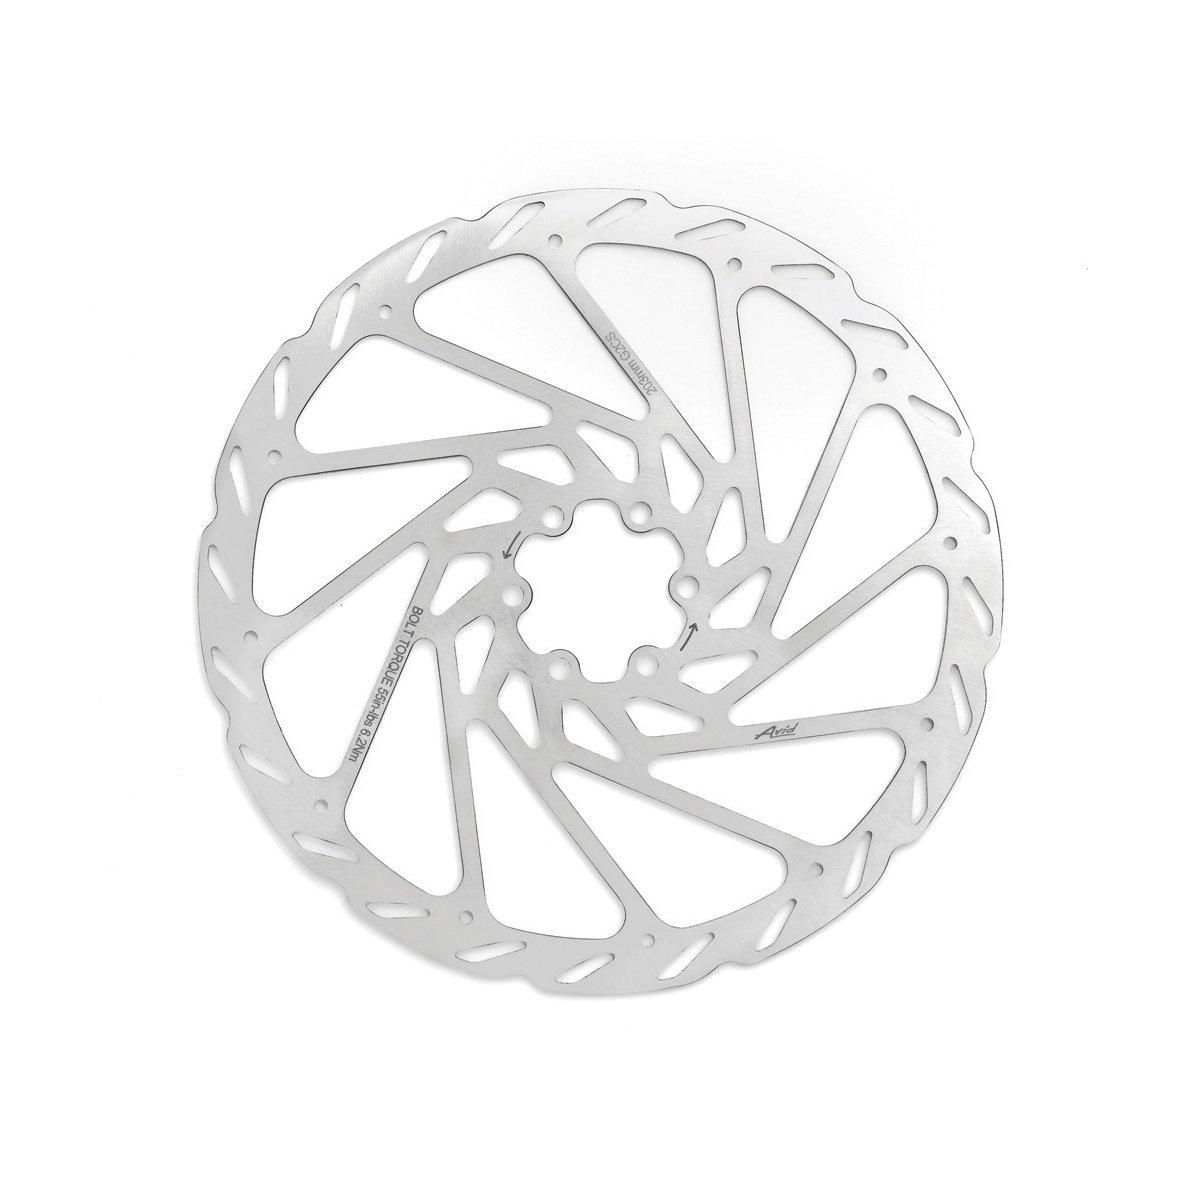 Avid G2 Clean Sweep Bicycle Disc Brake Rotor (140mm)